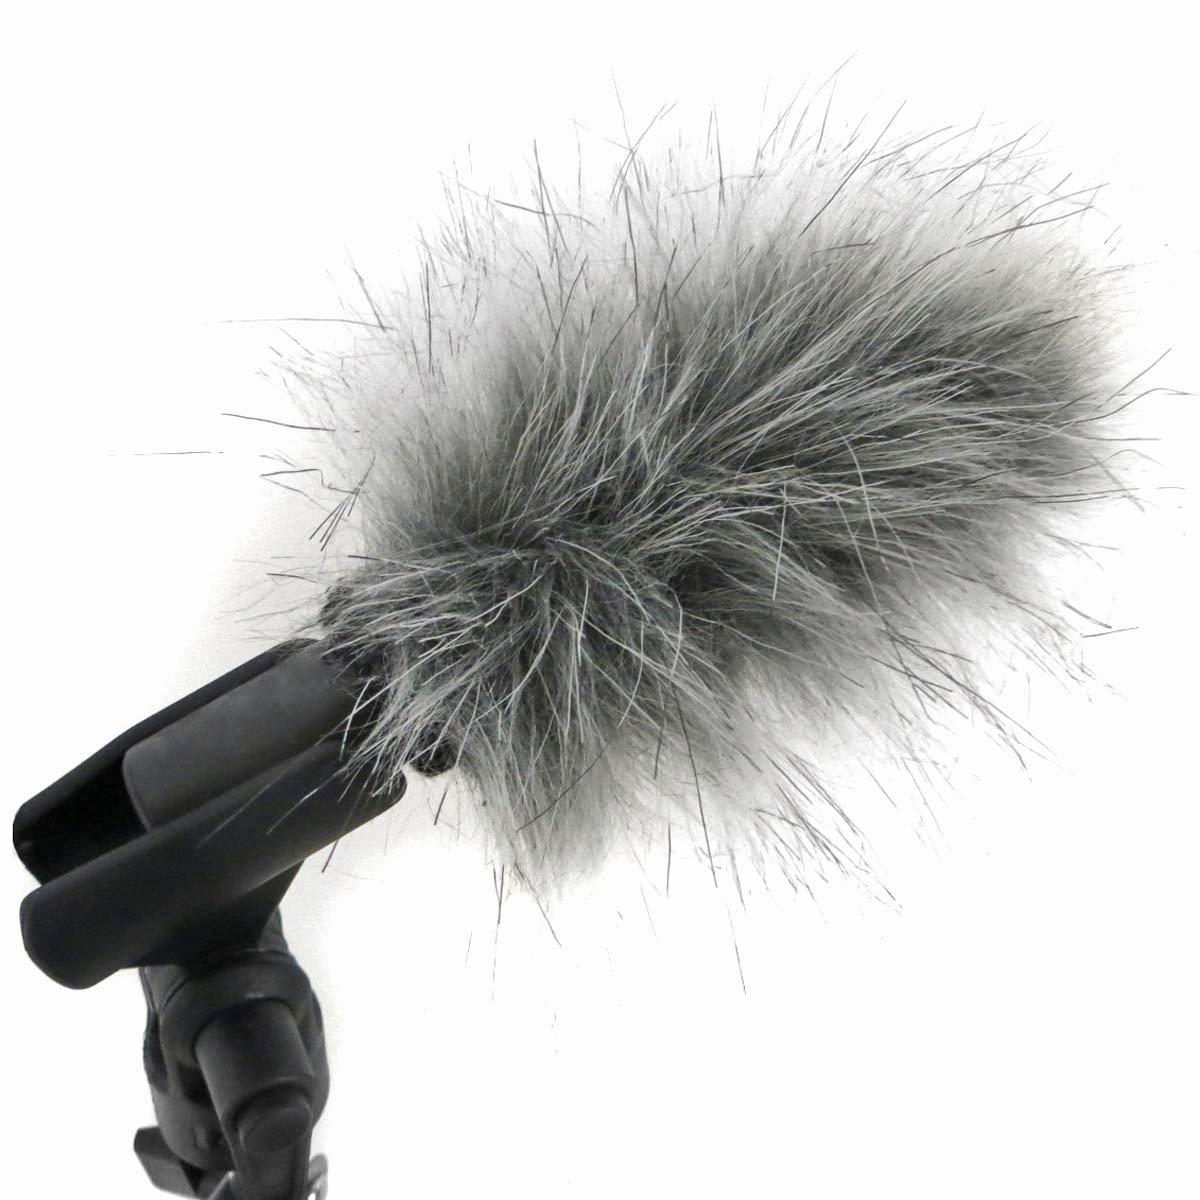 Windschutz für Mikrofon mit Fell für Interviews